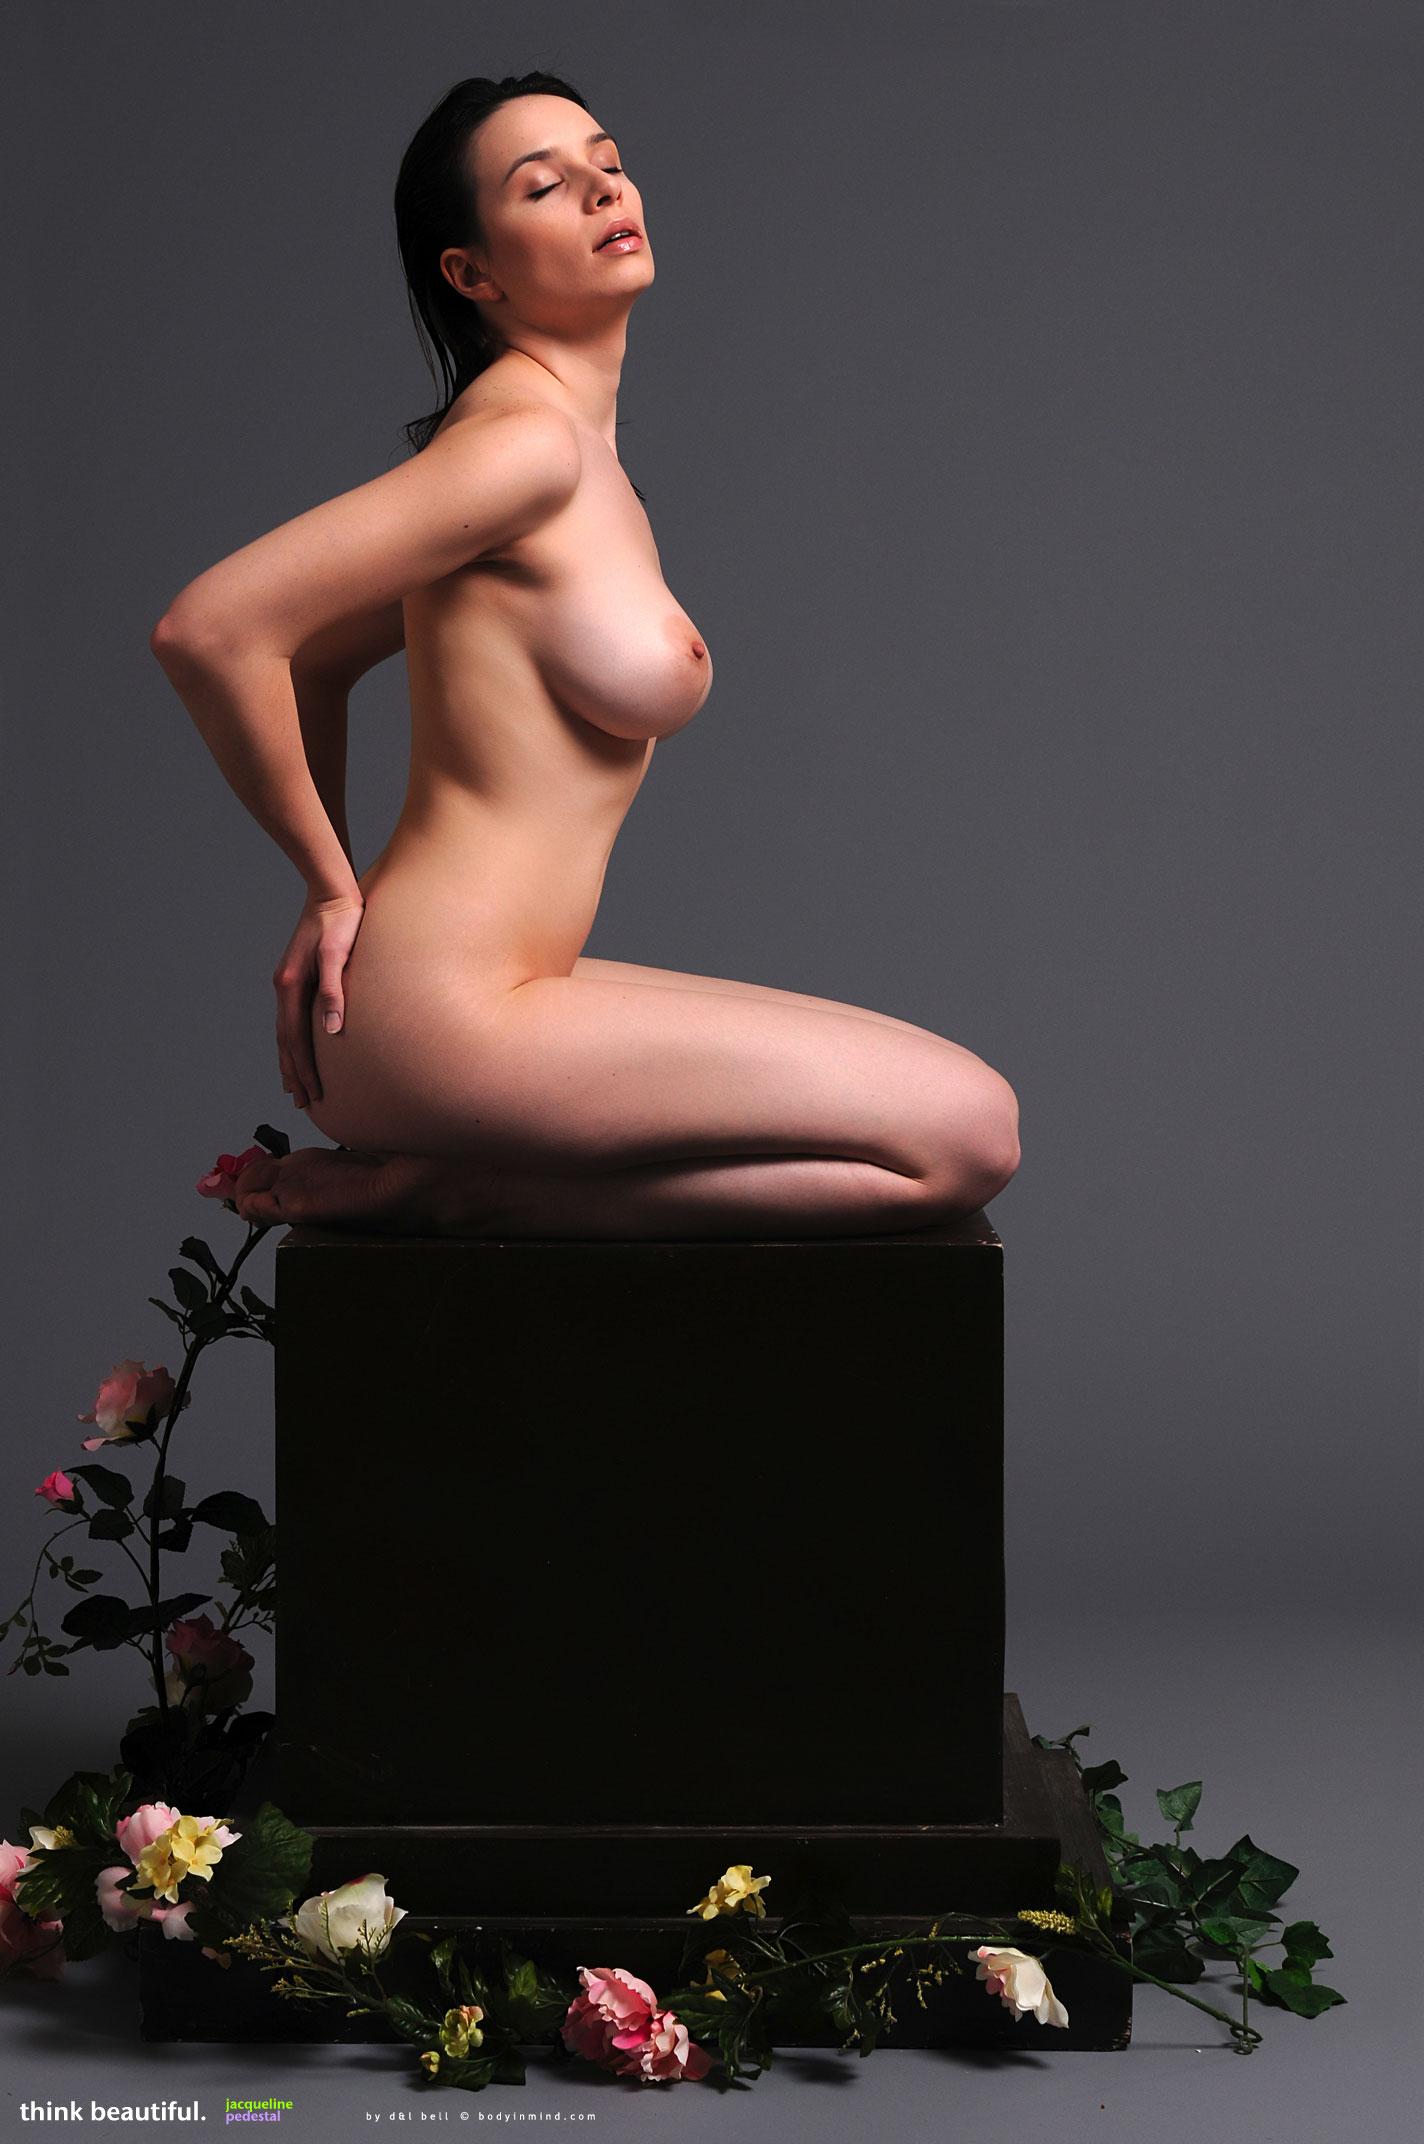 Jacqueline Pedestal - NudesPuri.com